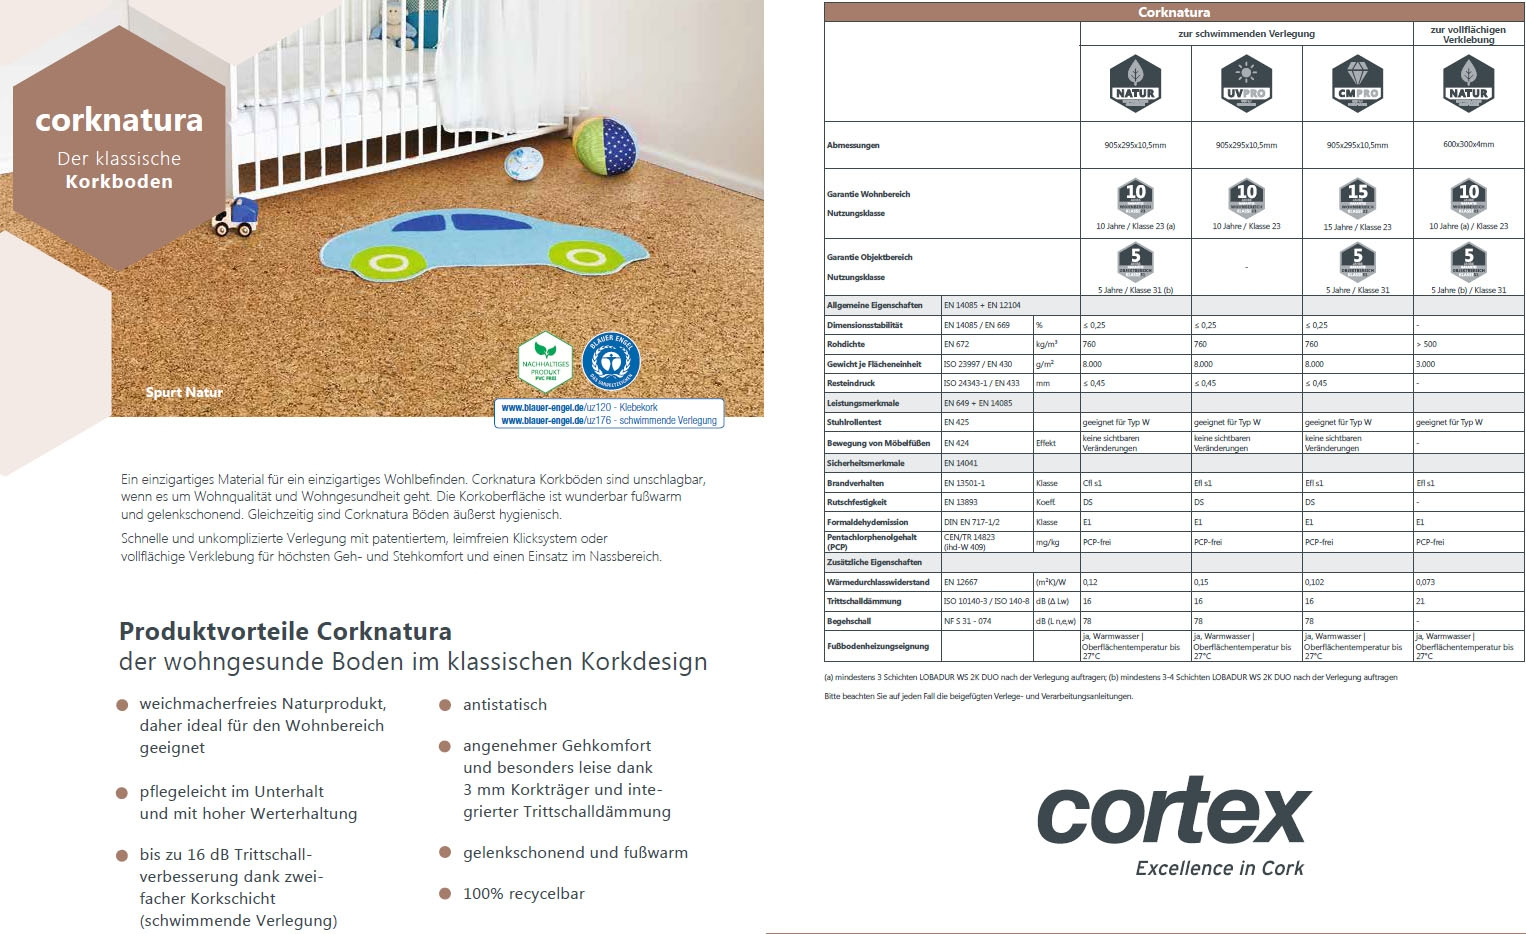 cortex Corknatura Korkboden Kork-Parkett Vorteile Daten